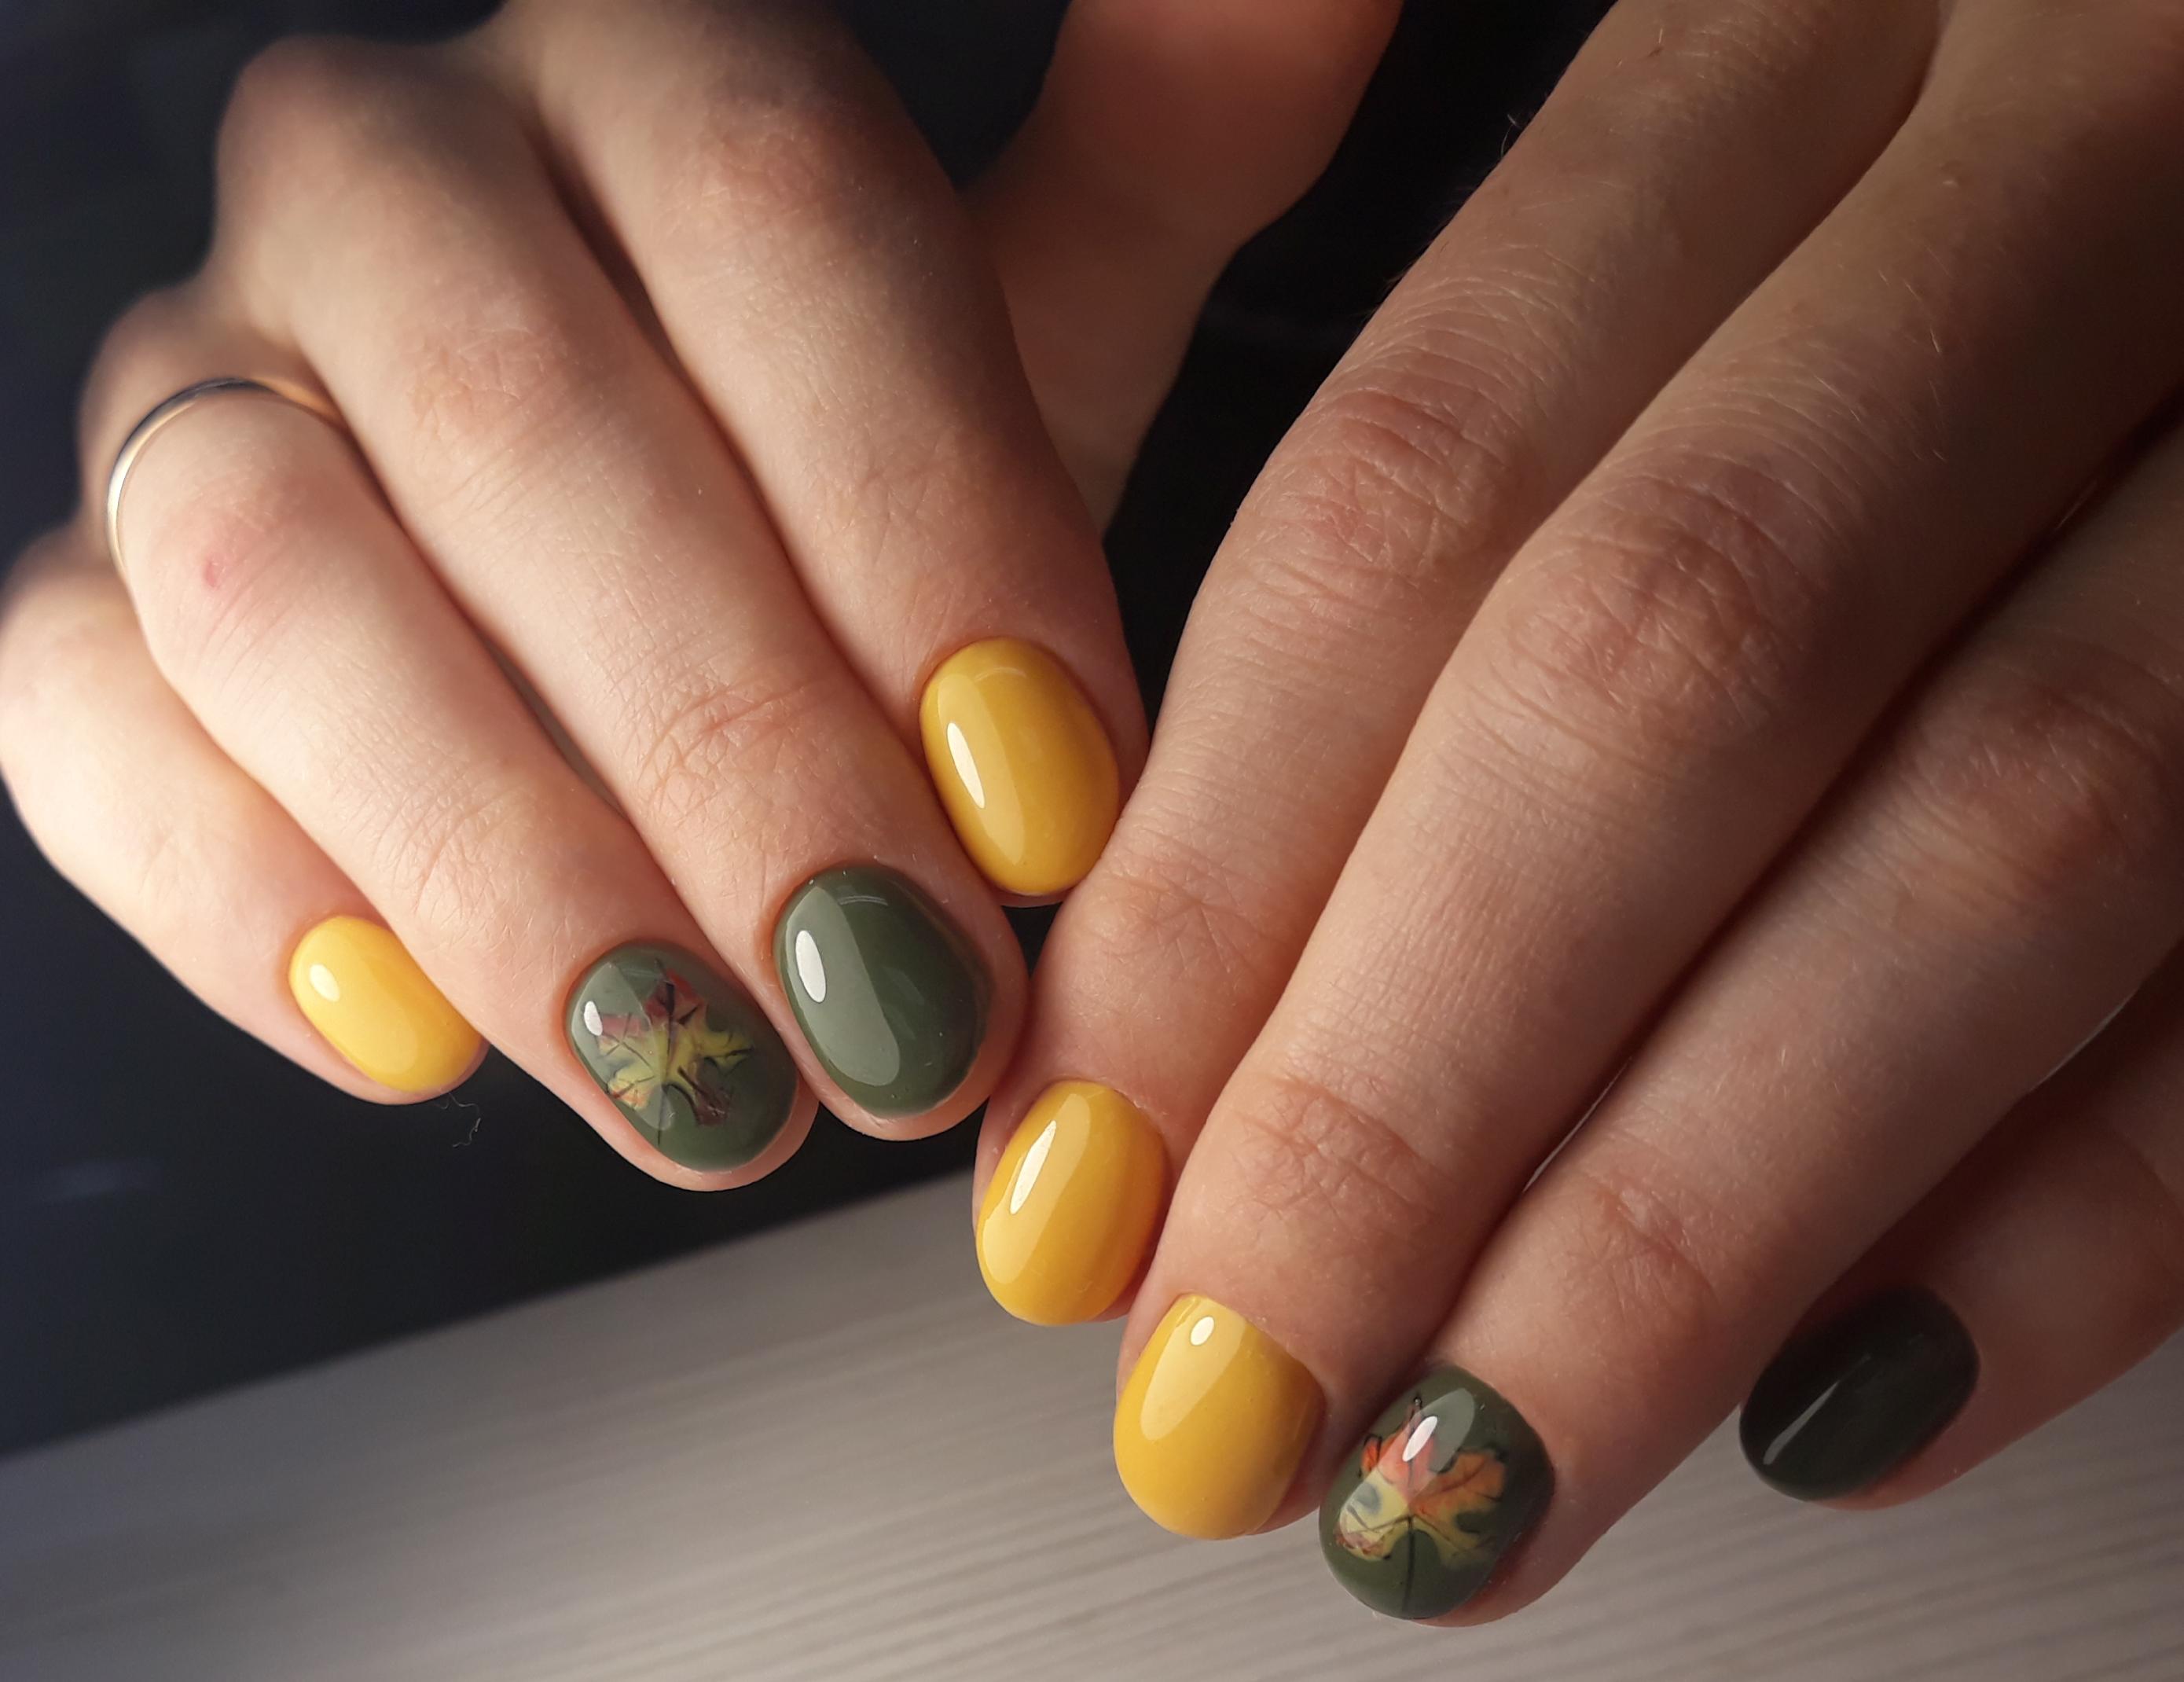 """Маникюр в жёлтом цвете с оливковым дизайном и слайдерами """"осенний лист""""."""